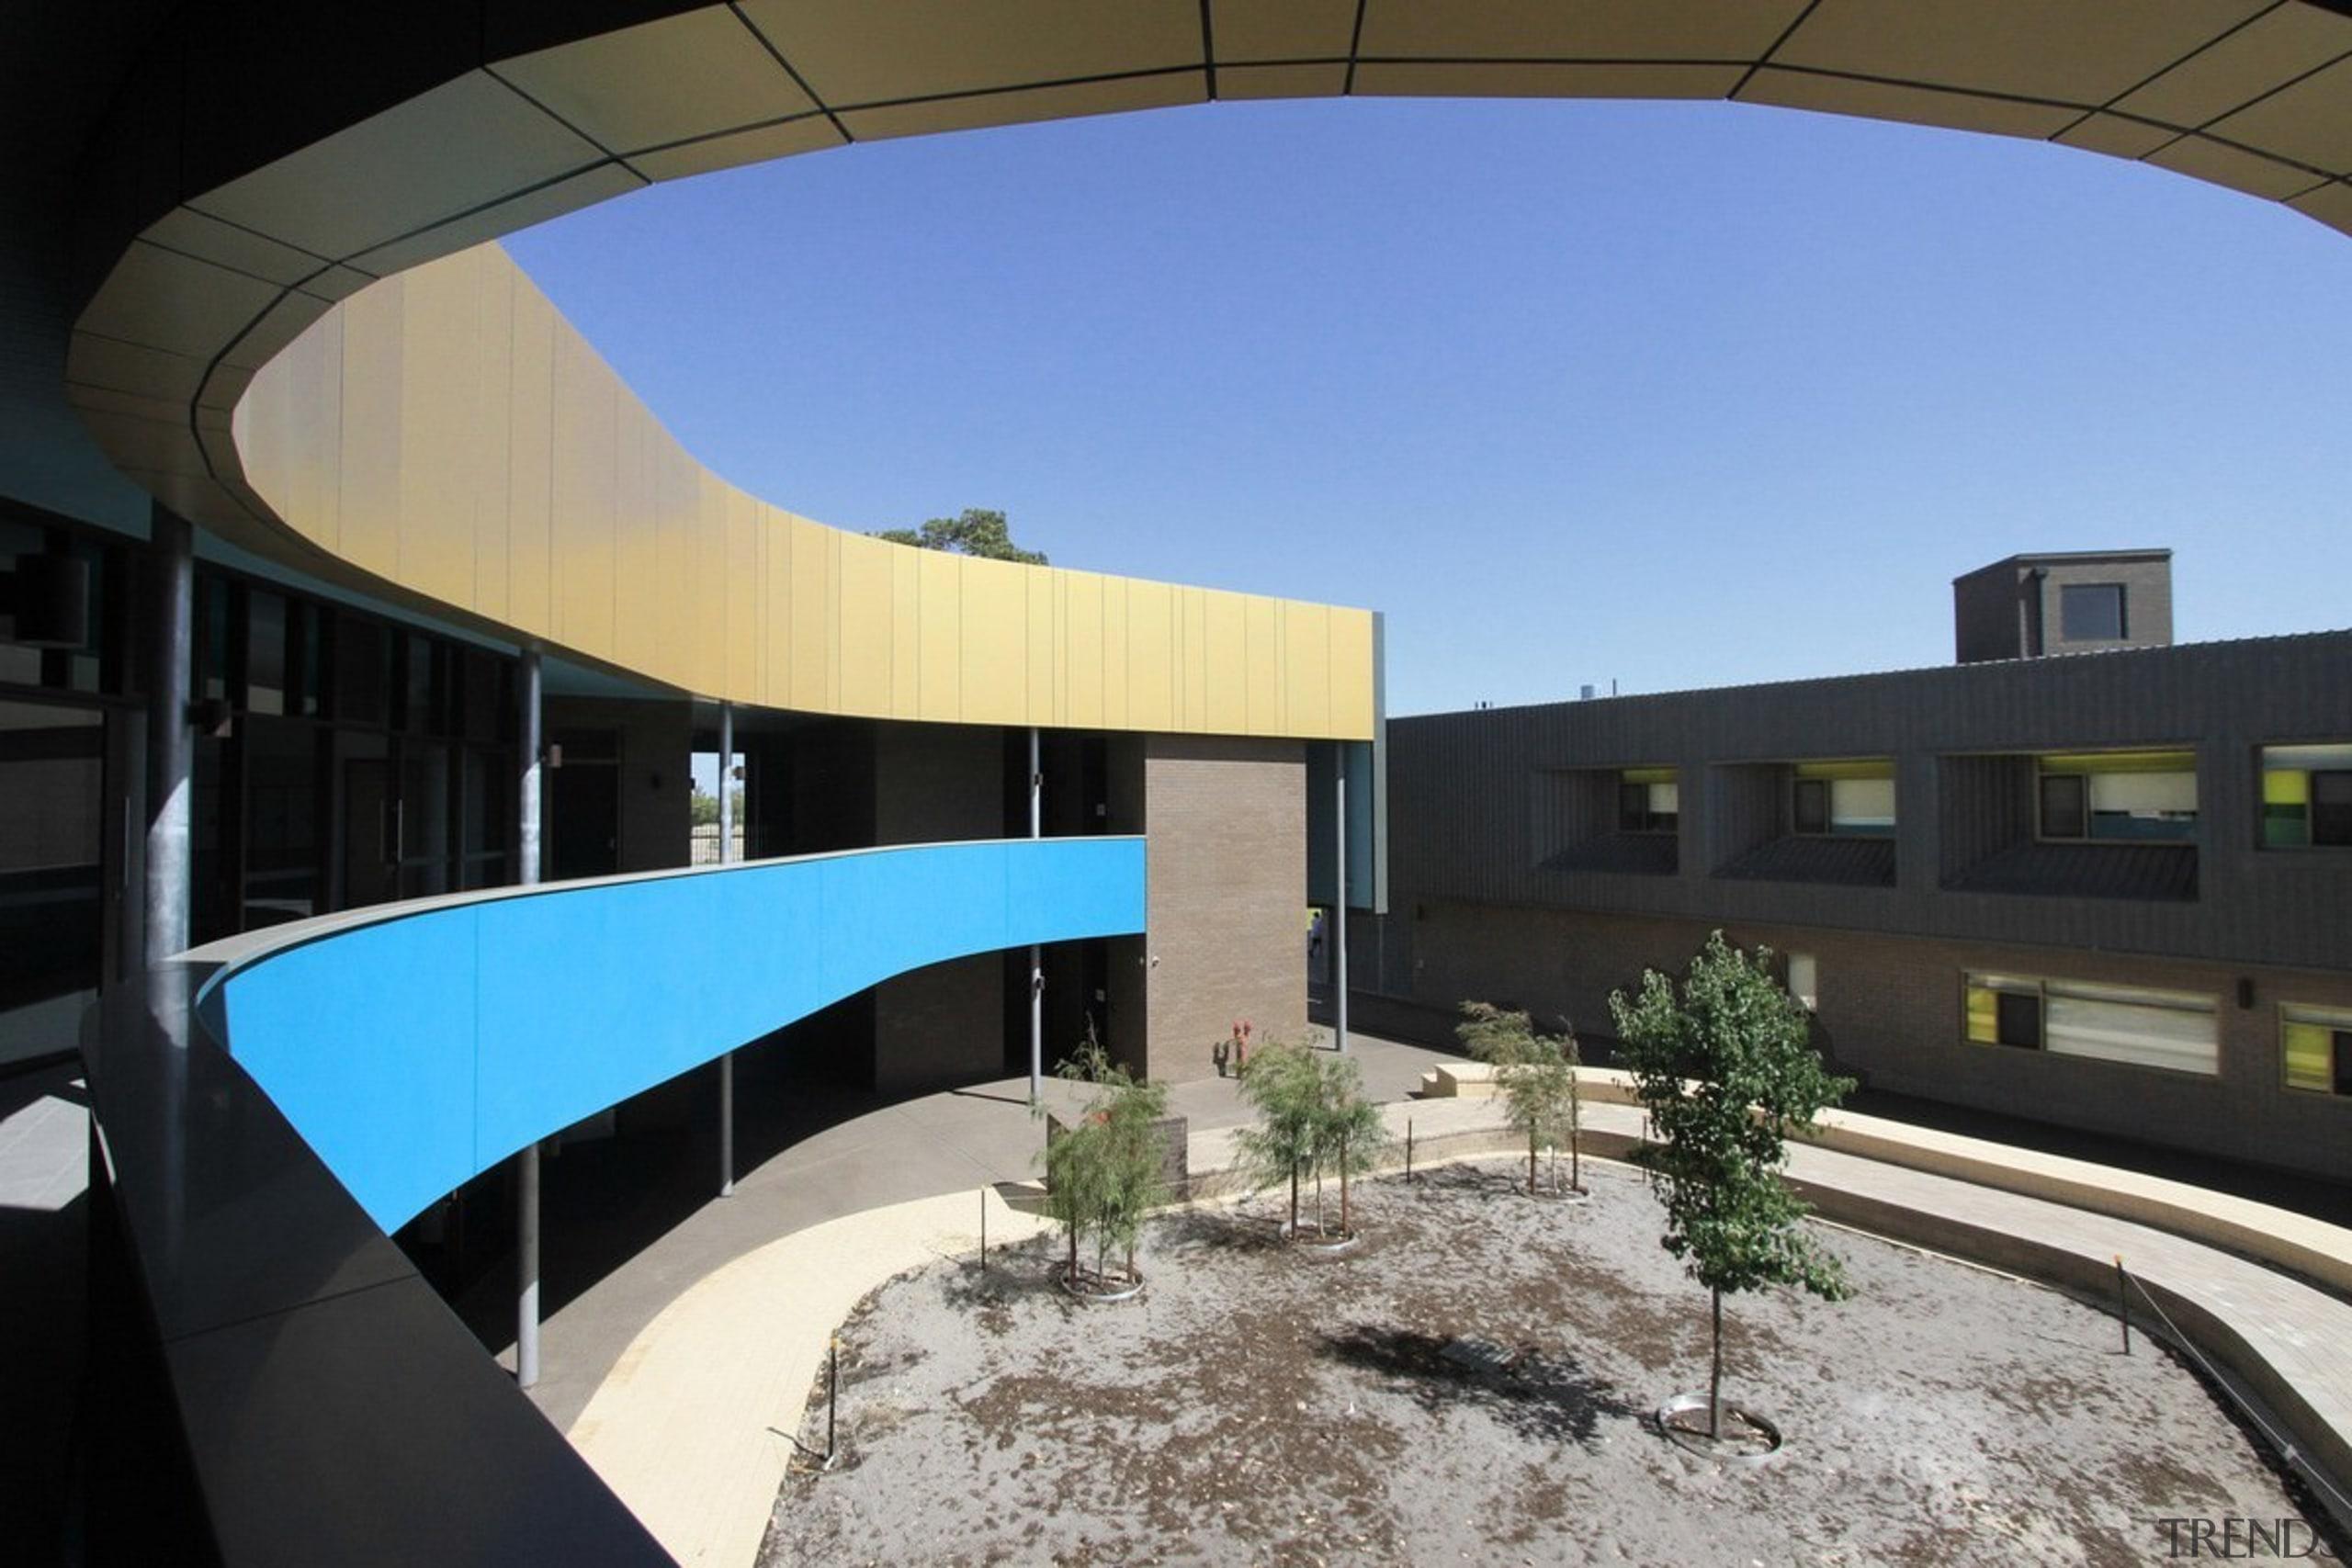 Bunbury Catholic College – Mercy Campus - Bunbury apartment, architecture, building, corporate headquarters, house, real estate, black, teal